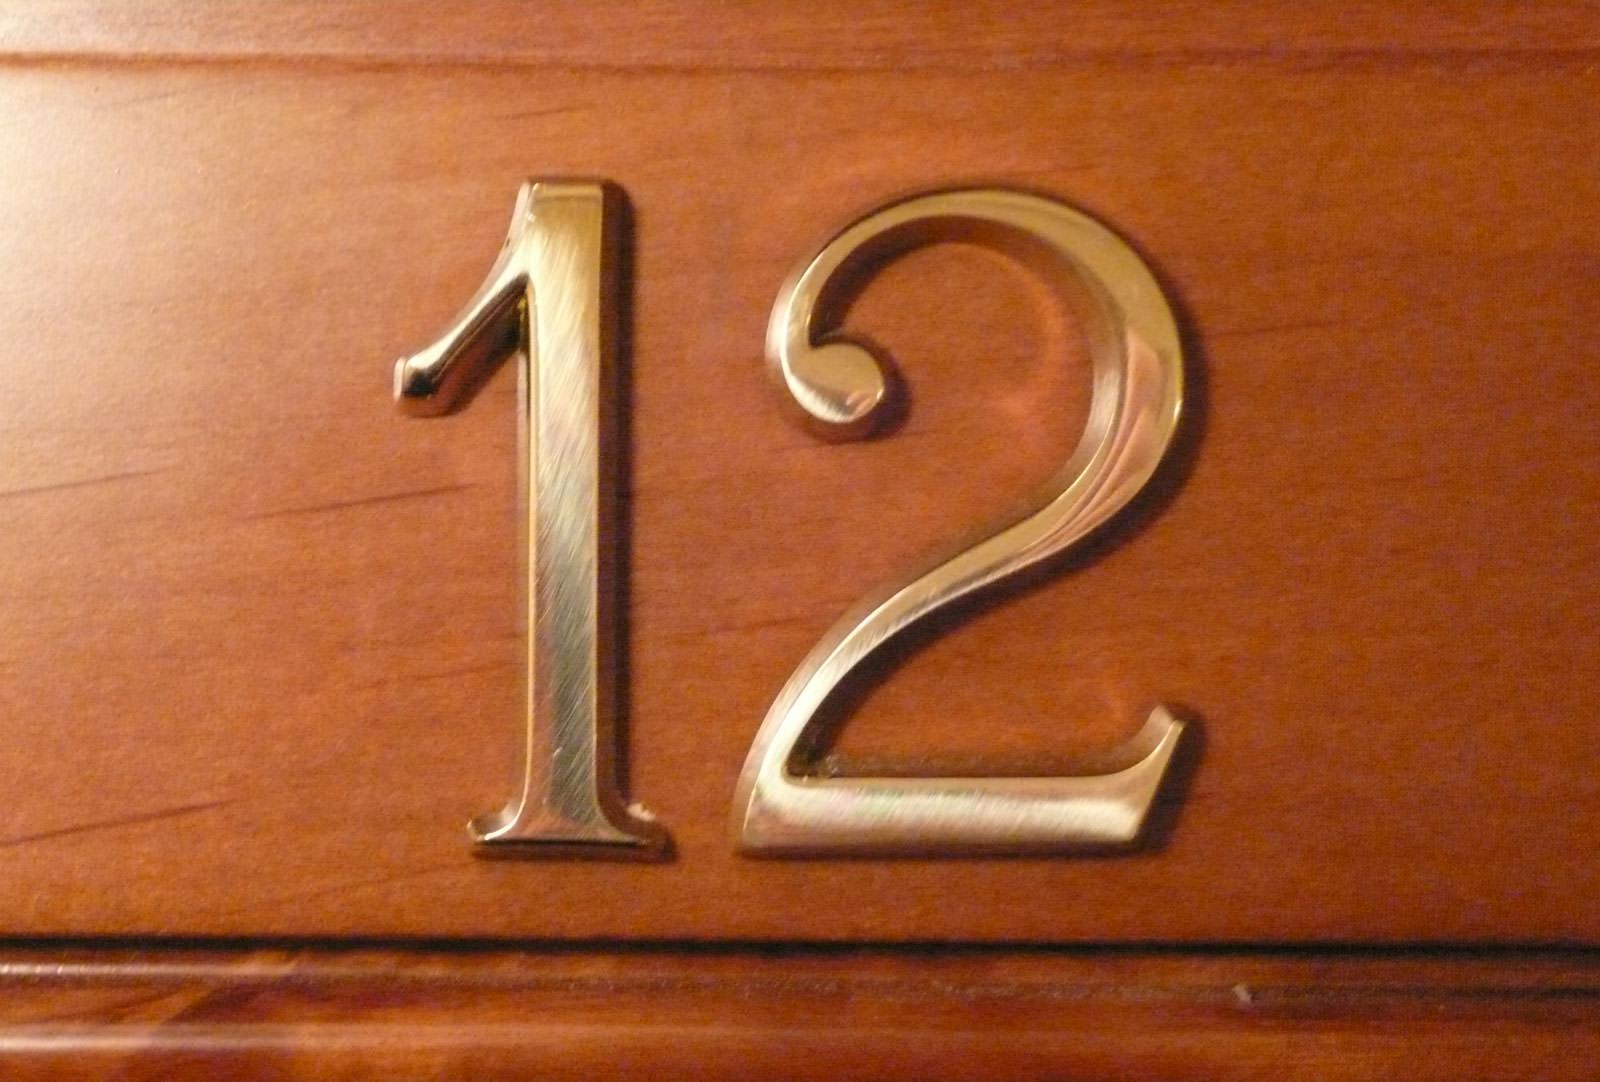 Номер квартиры своими руками фото 921